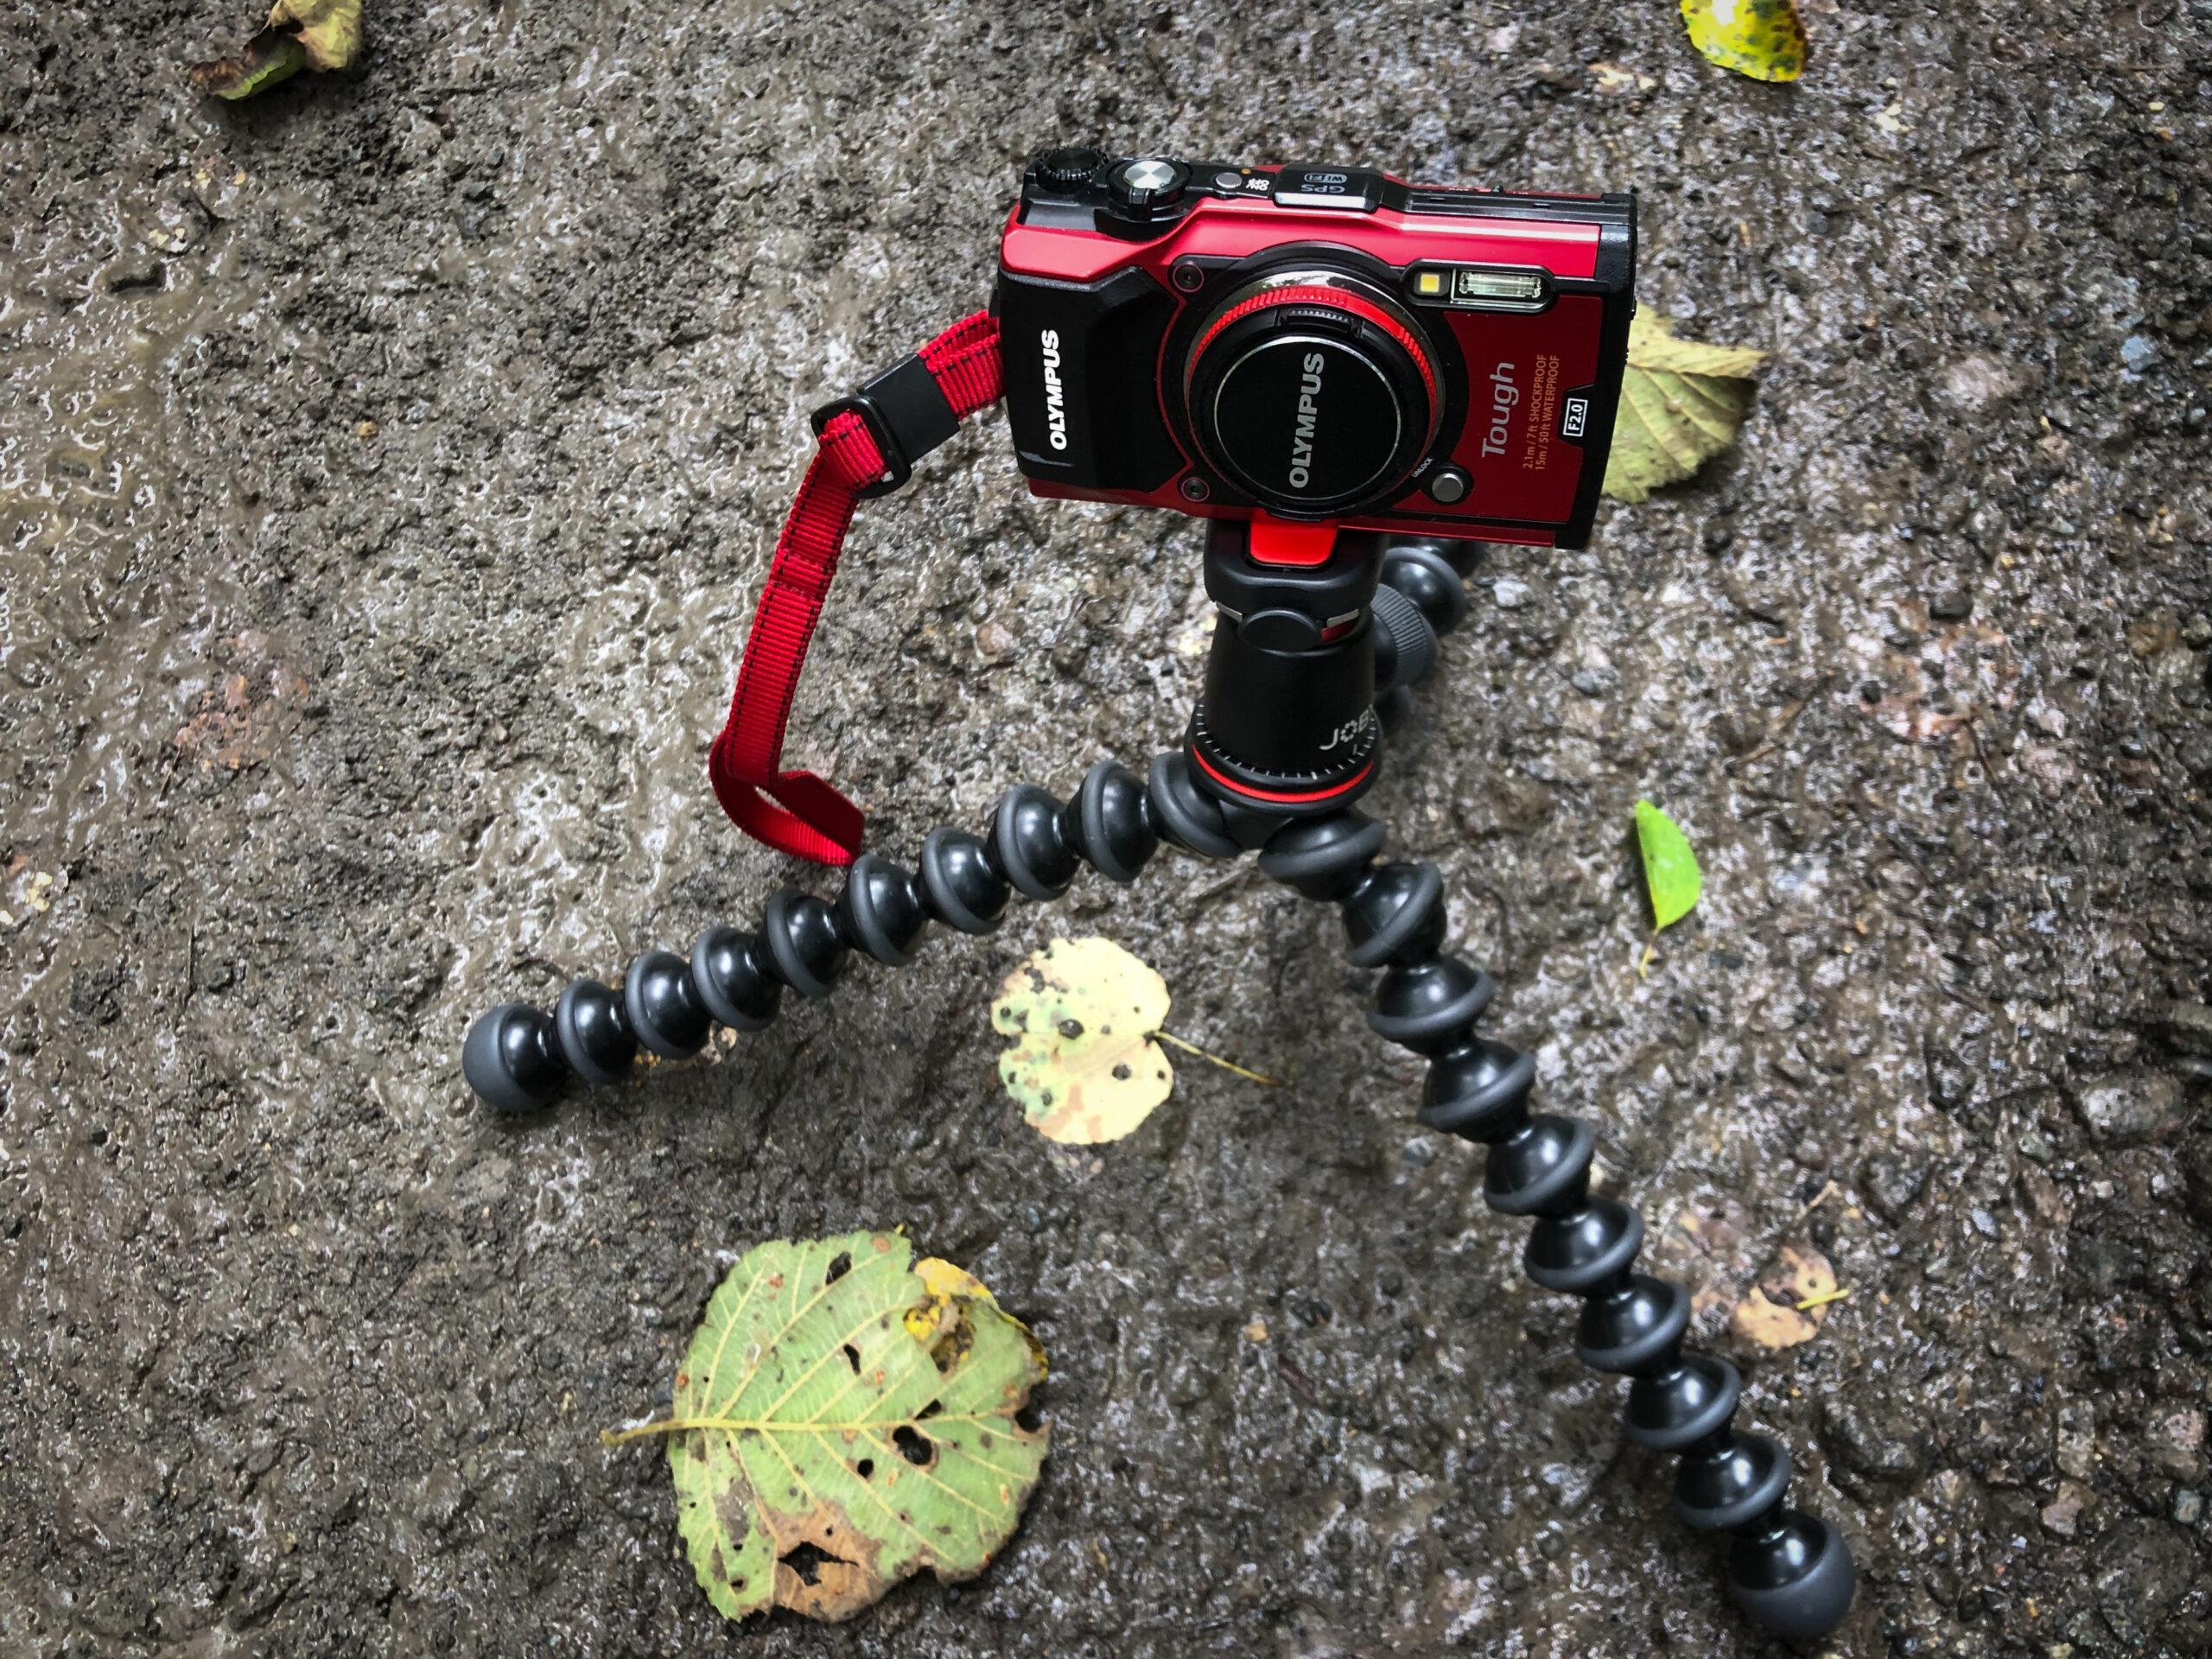 マクロ撮影が簡単に楽しめるカメラはやっぱりオリンパスのTGシリーズ